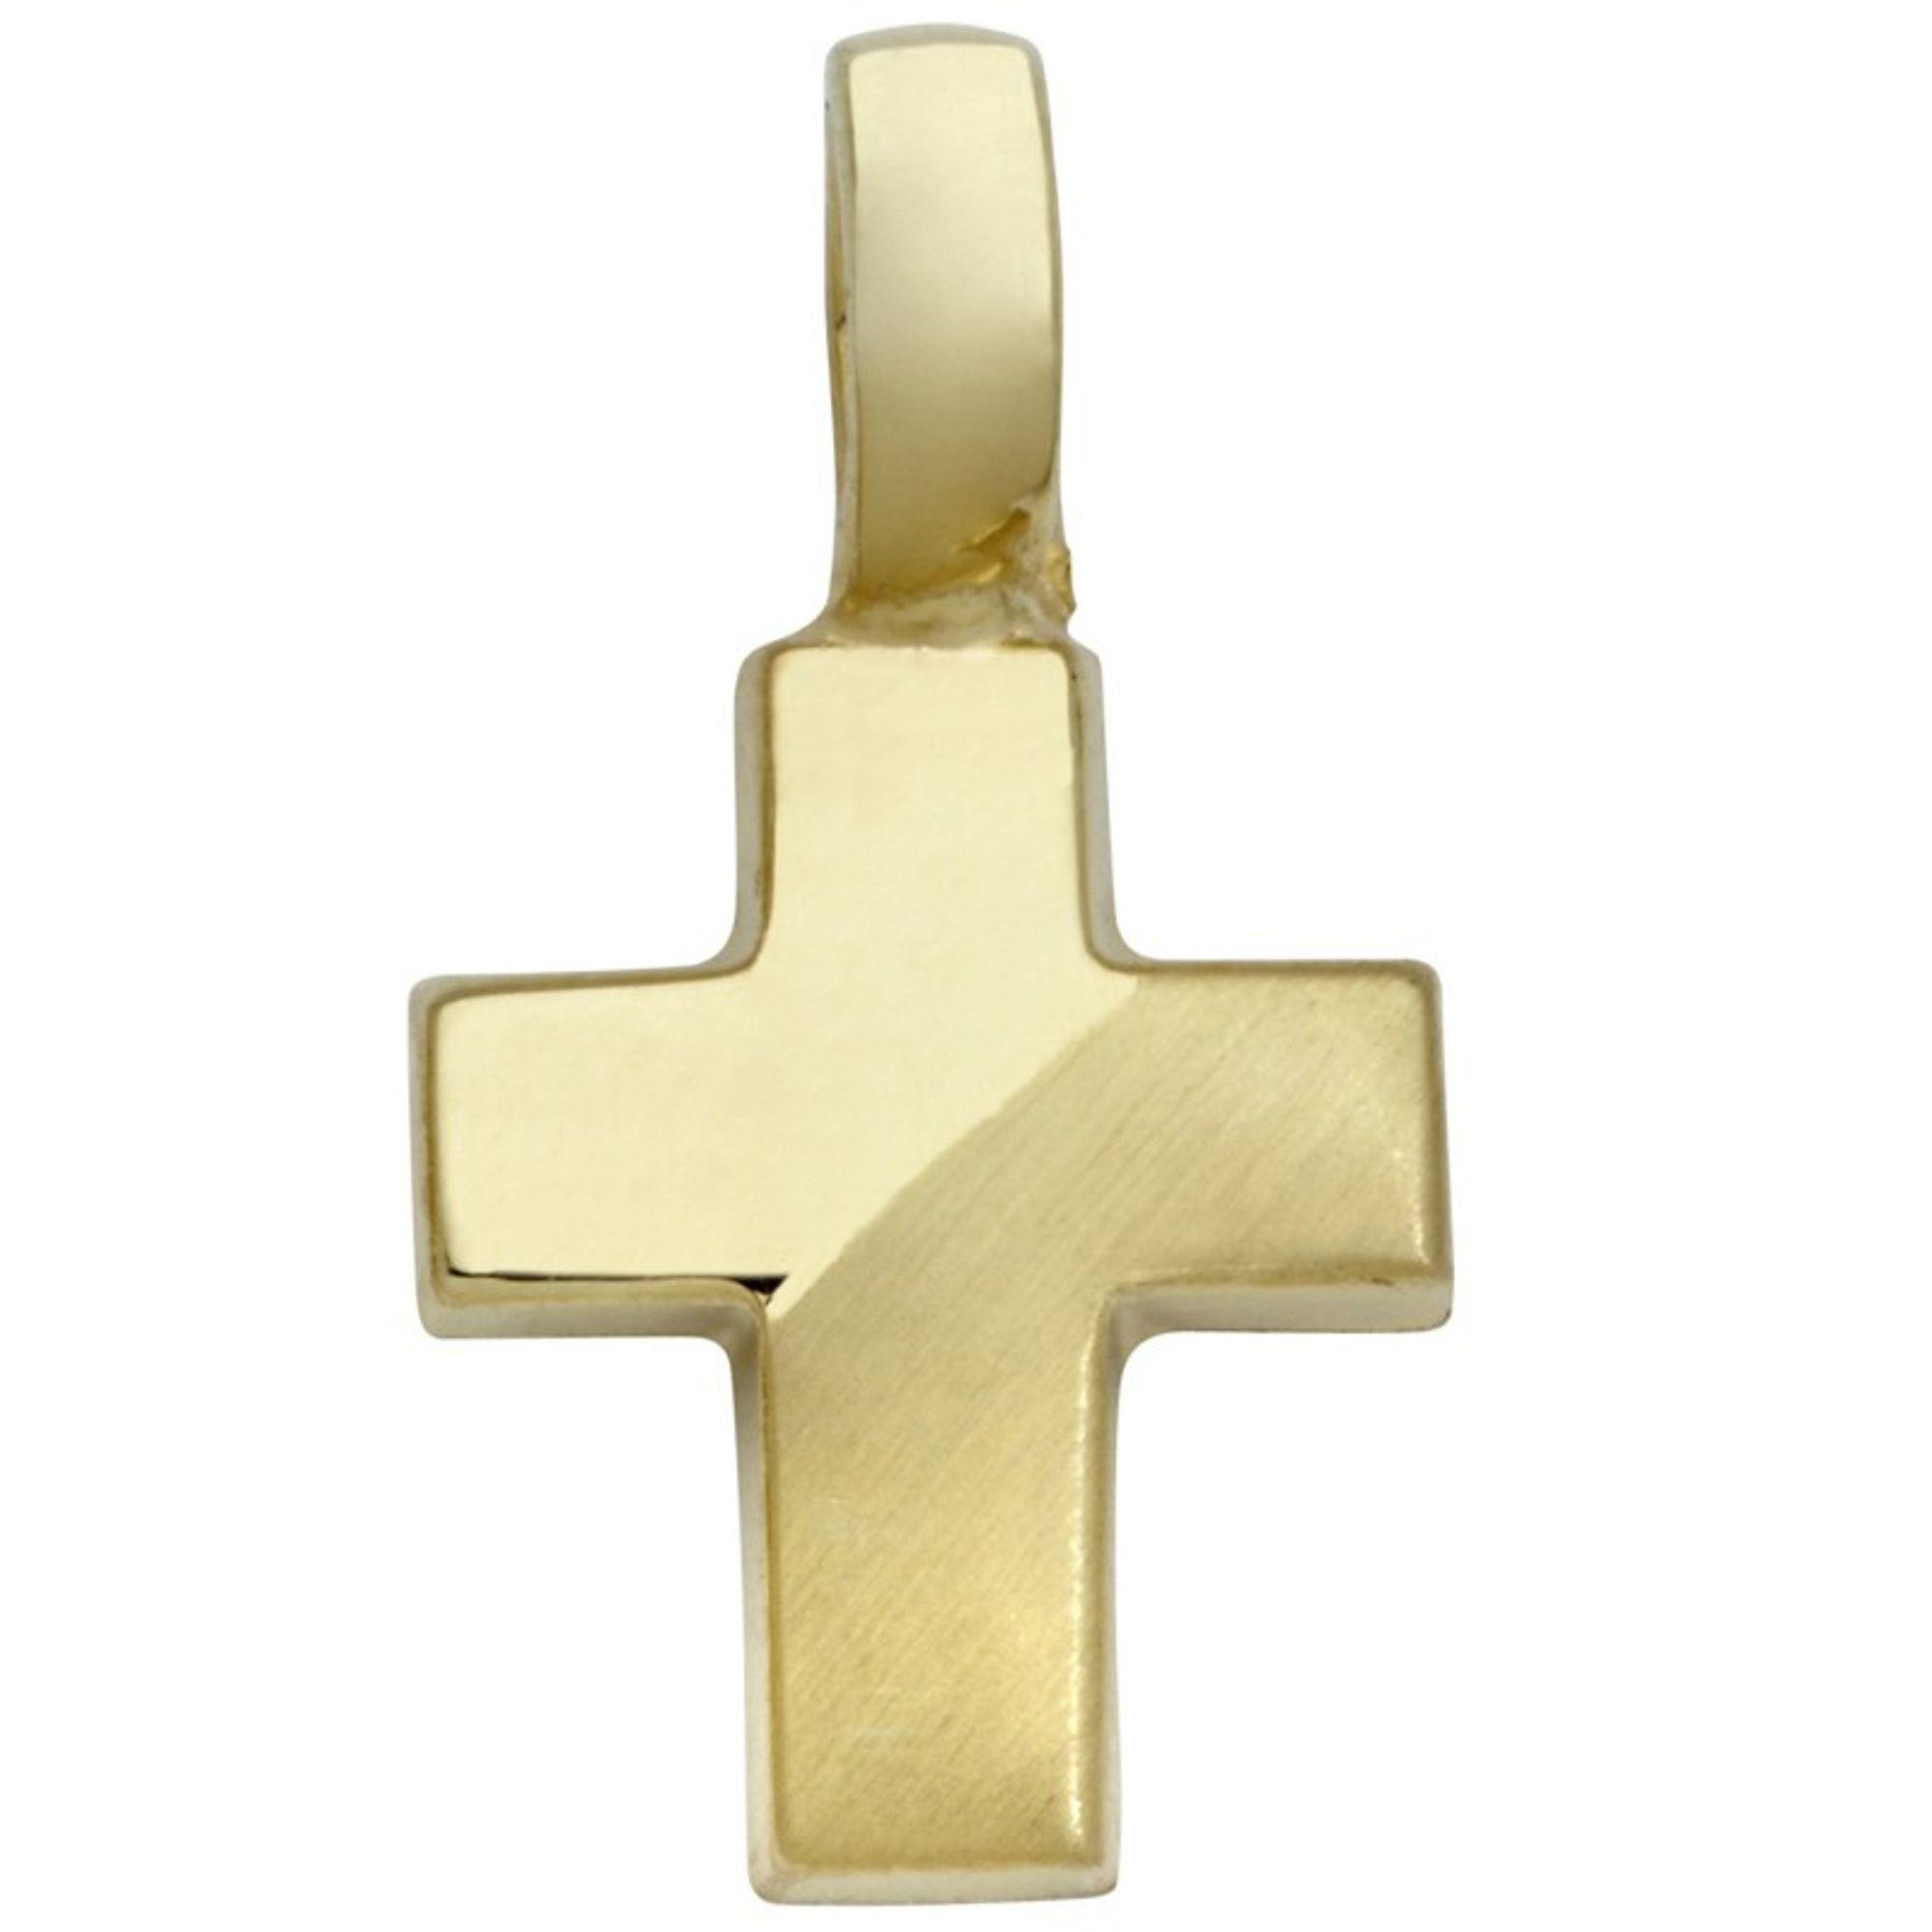 Basic Gold TG16 Kinder Anhänger Kreuz 14 Karat (585) Gelbgold